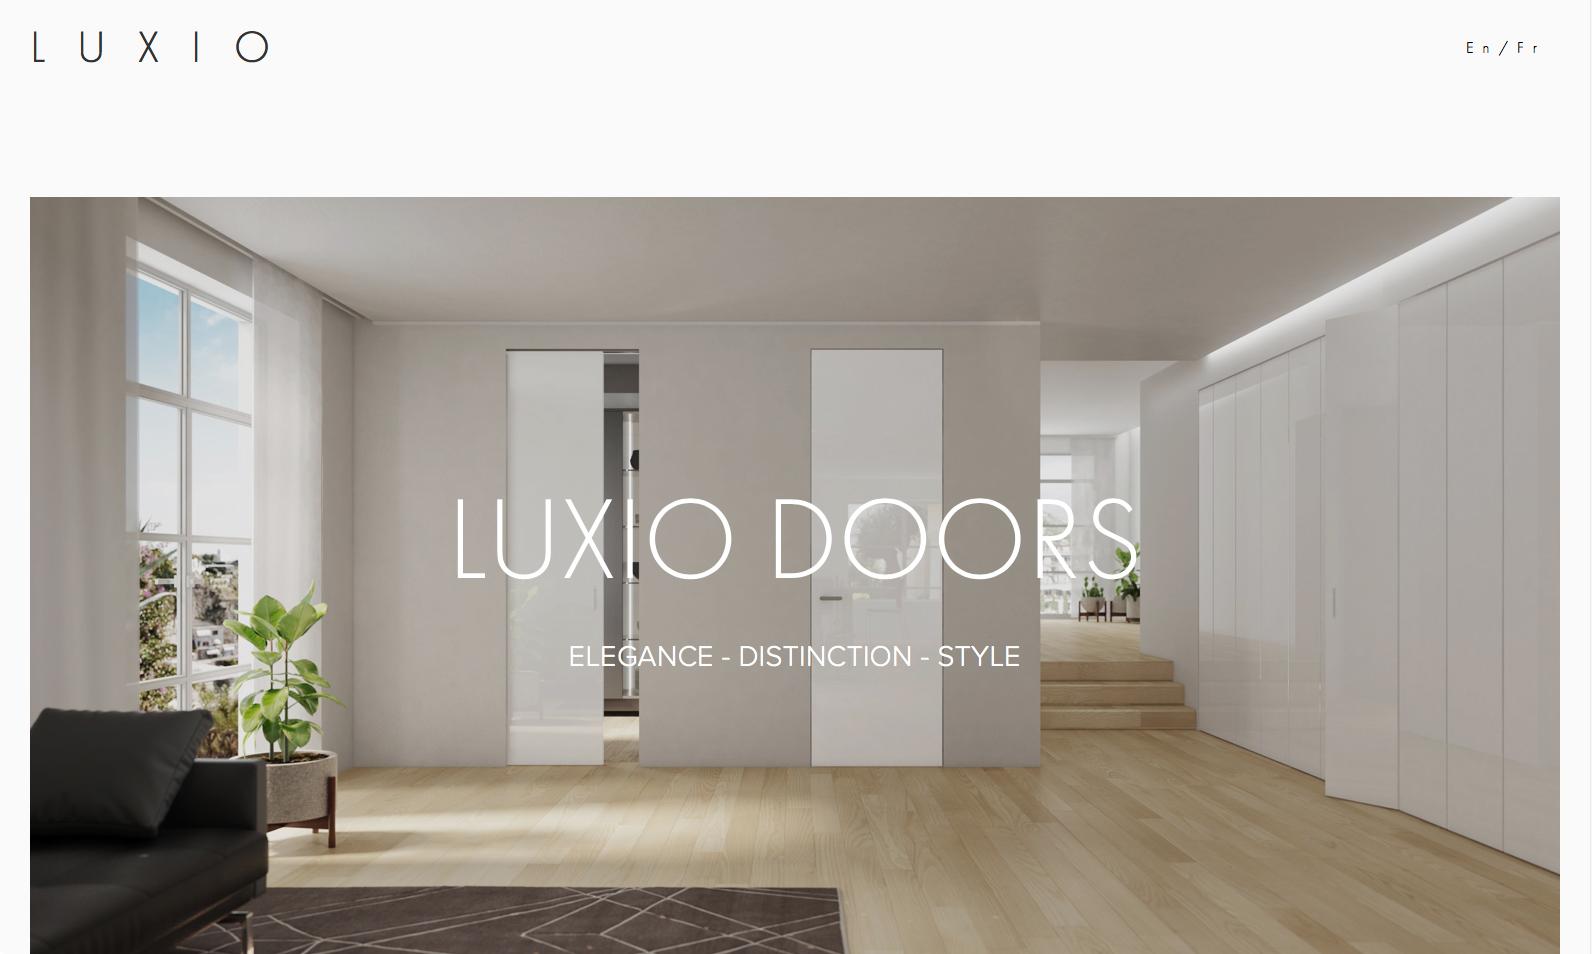 LUXIO DOORS